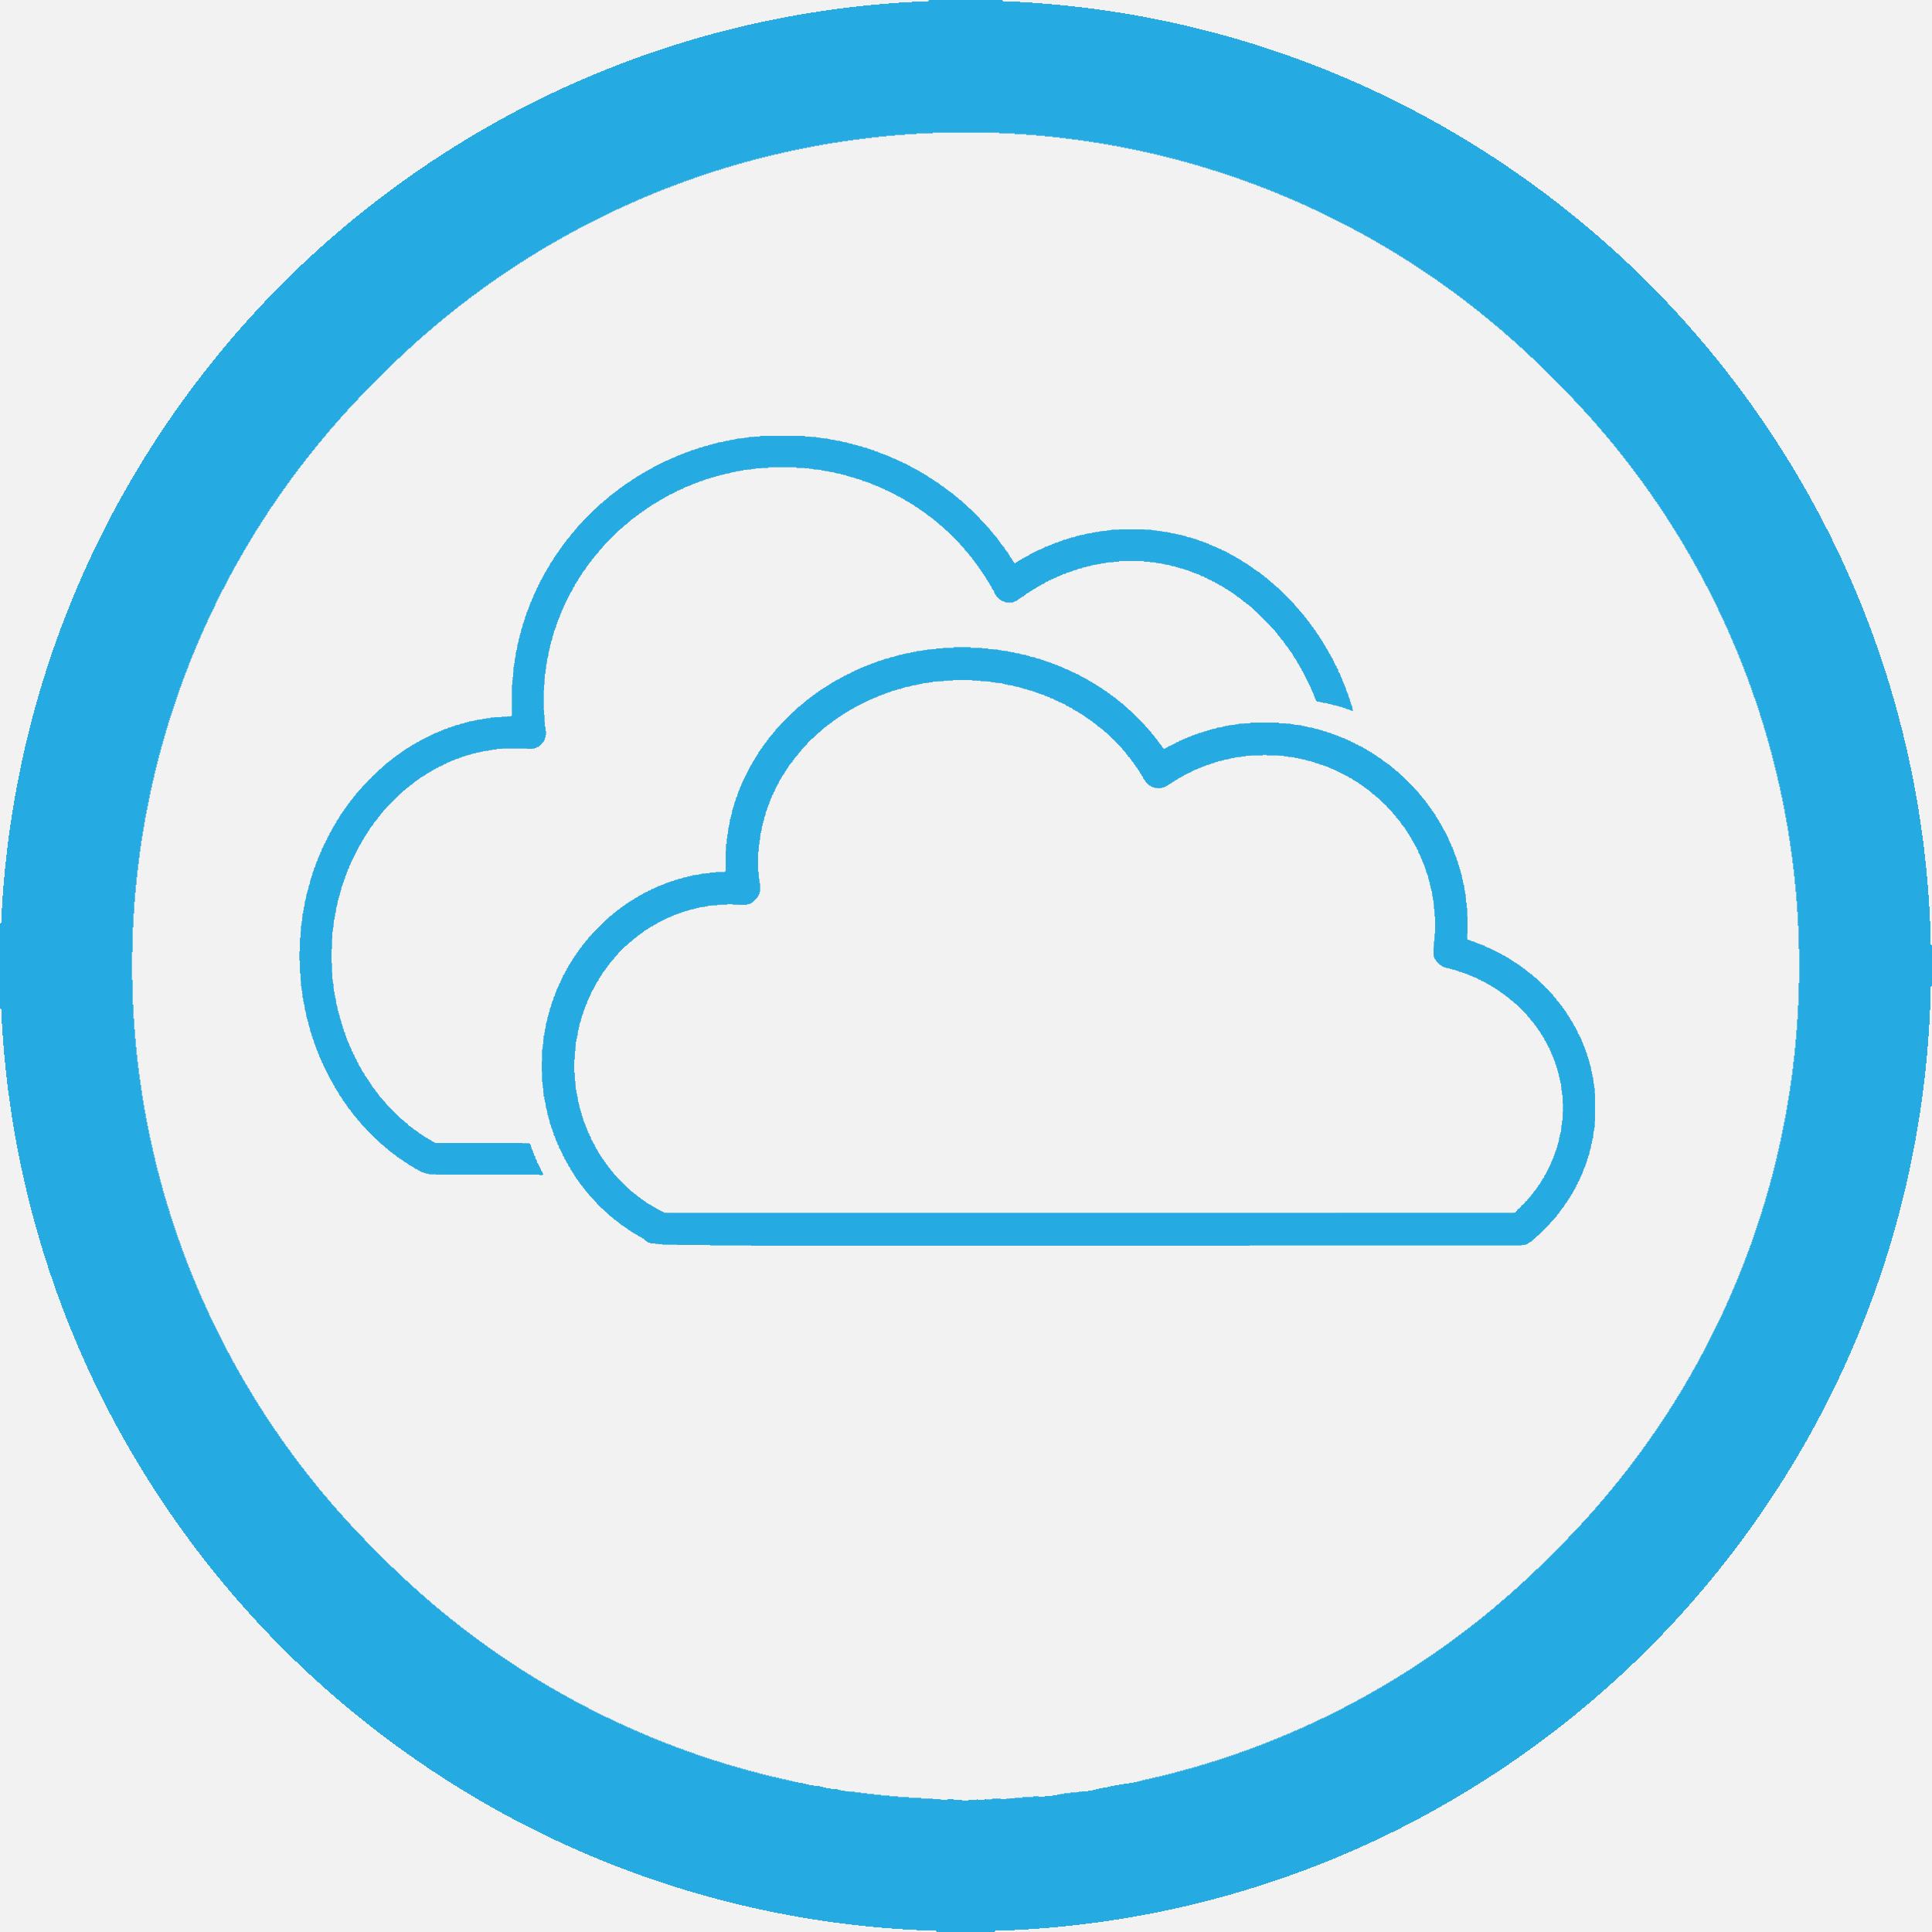 Public_Cloud_grayer_light.png